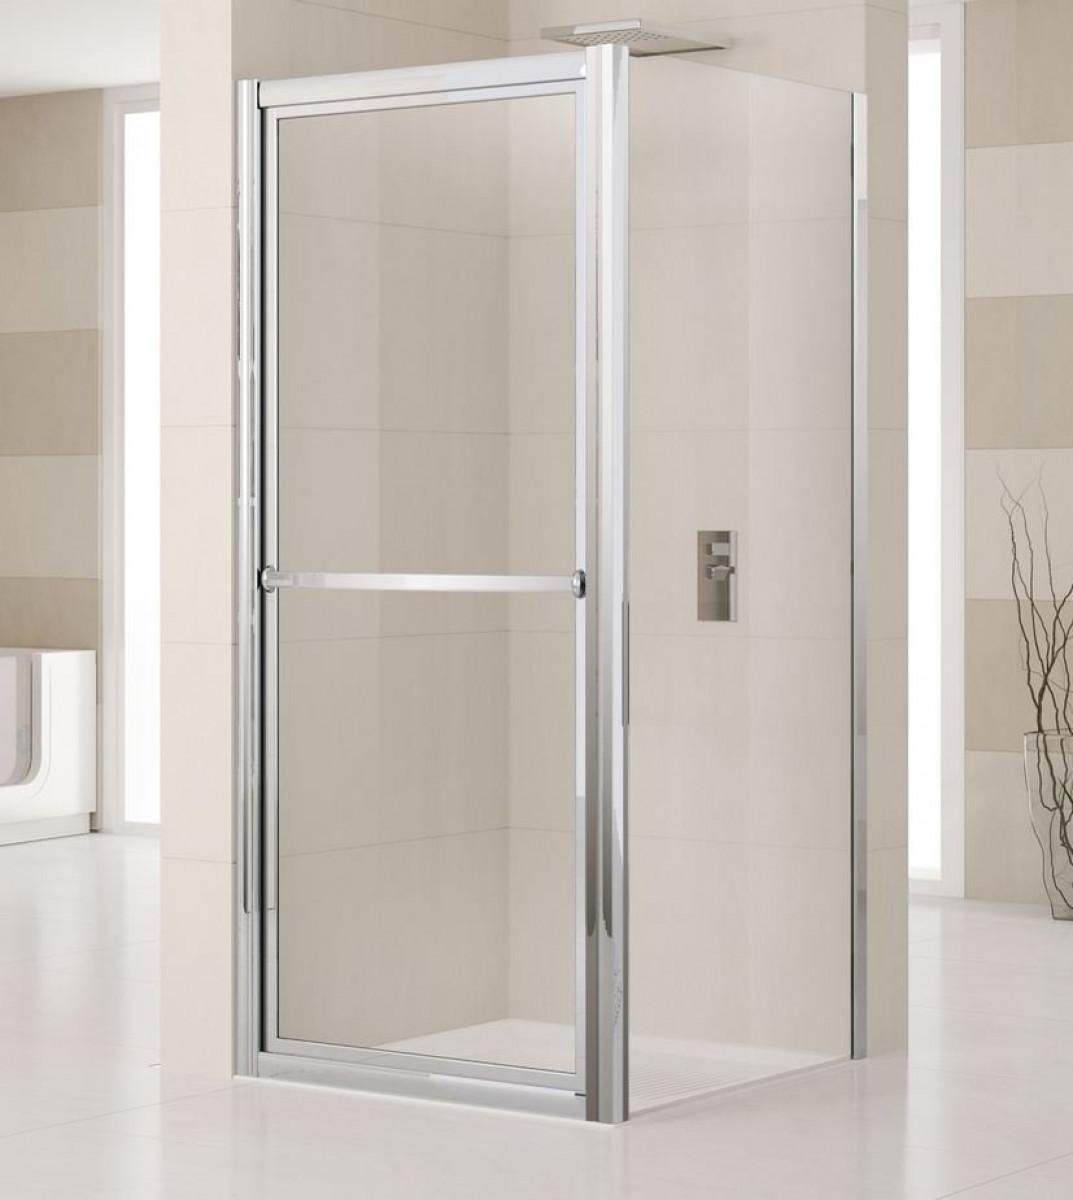 Novellini lunes 700mm inward opening shower door for Novellini shower doors